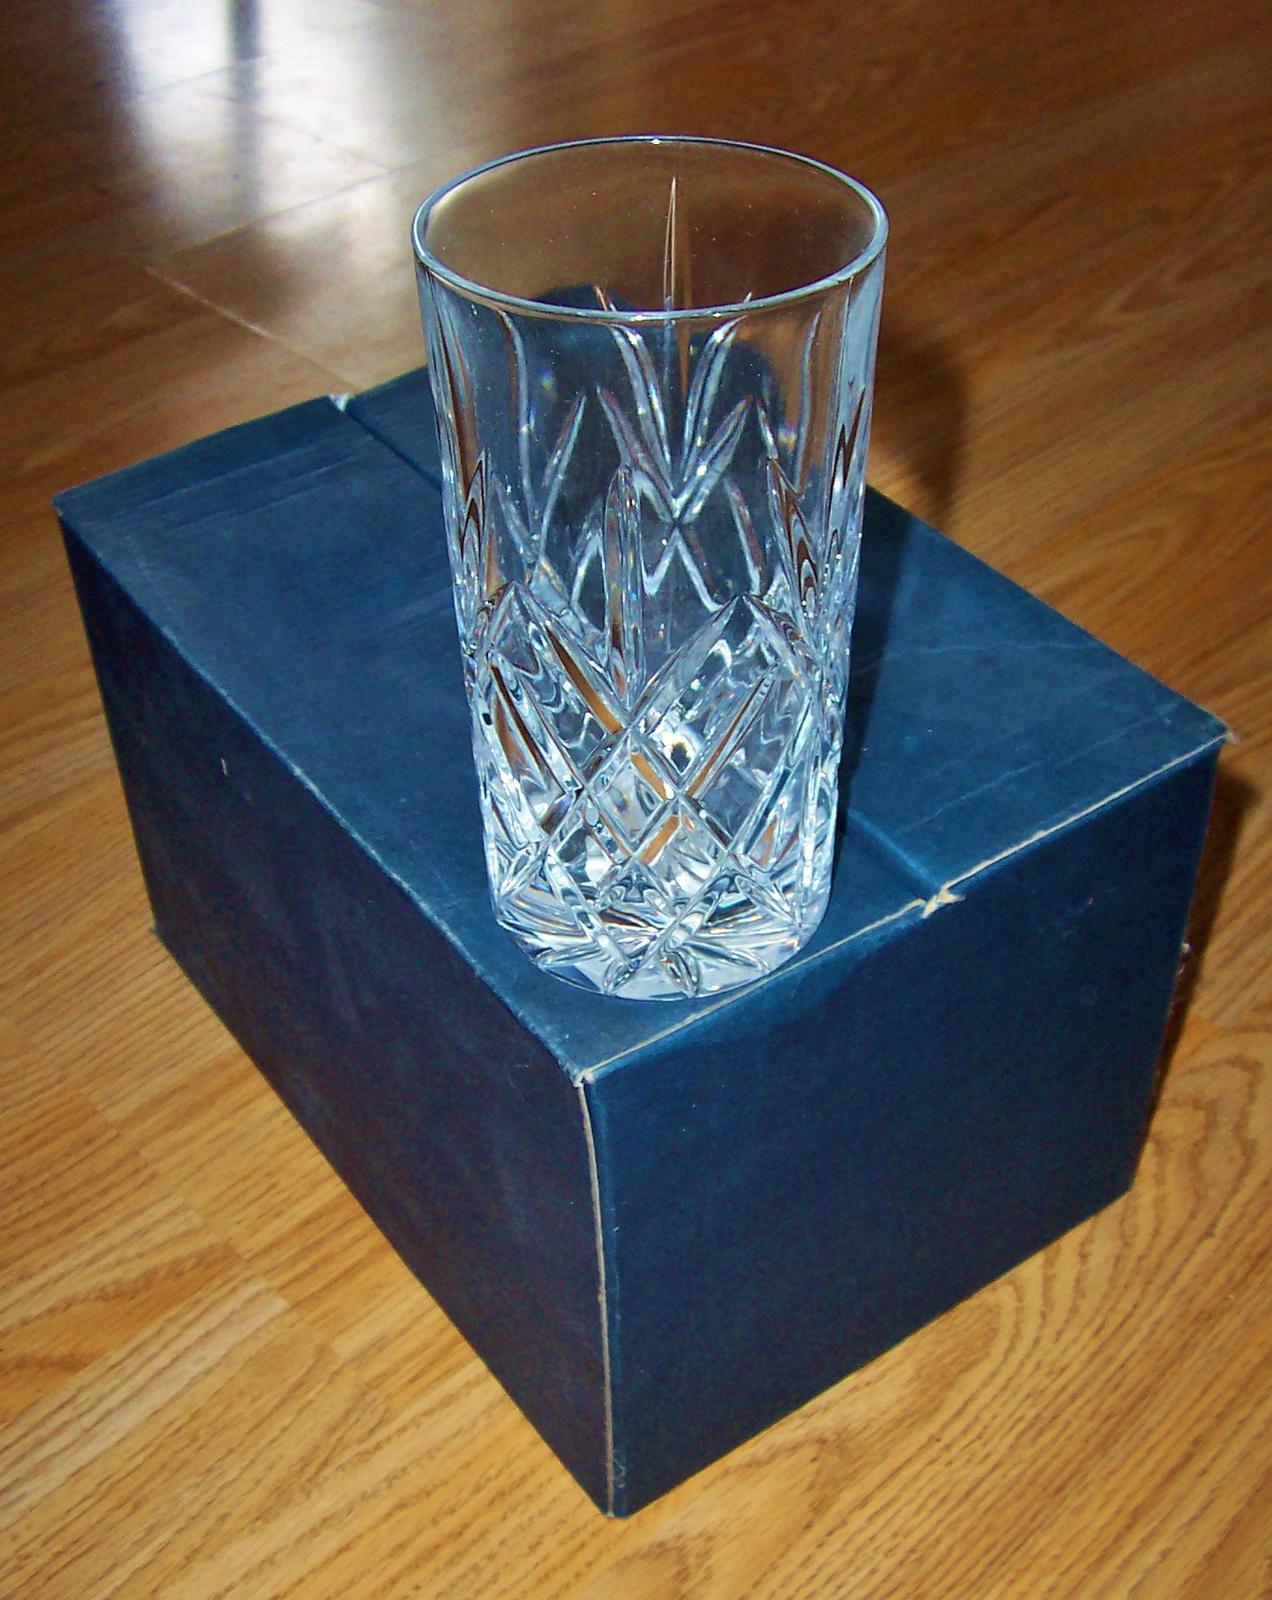 Sada pohárov,brúsené sklo - Obrázok č. 1